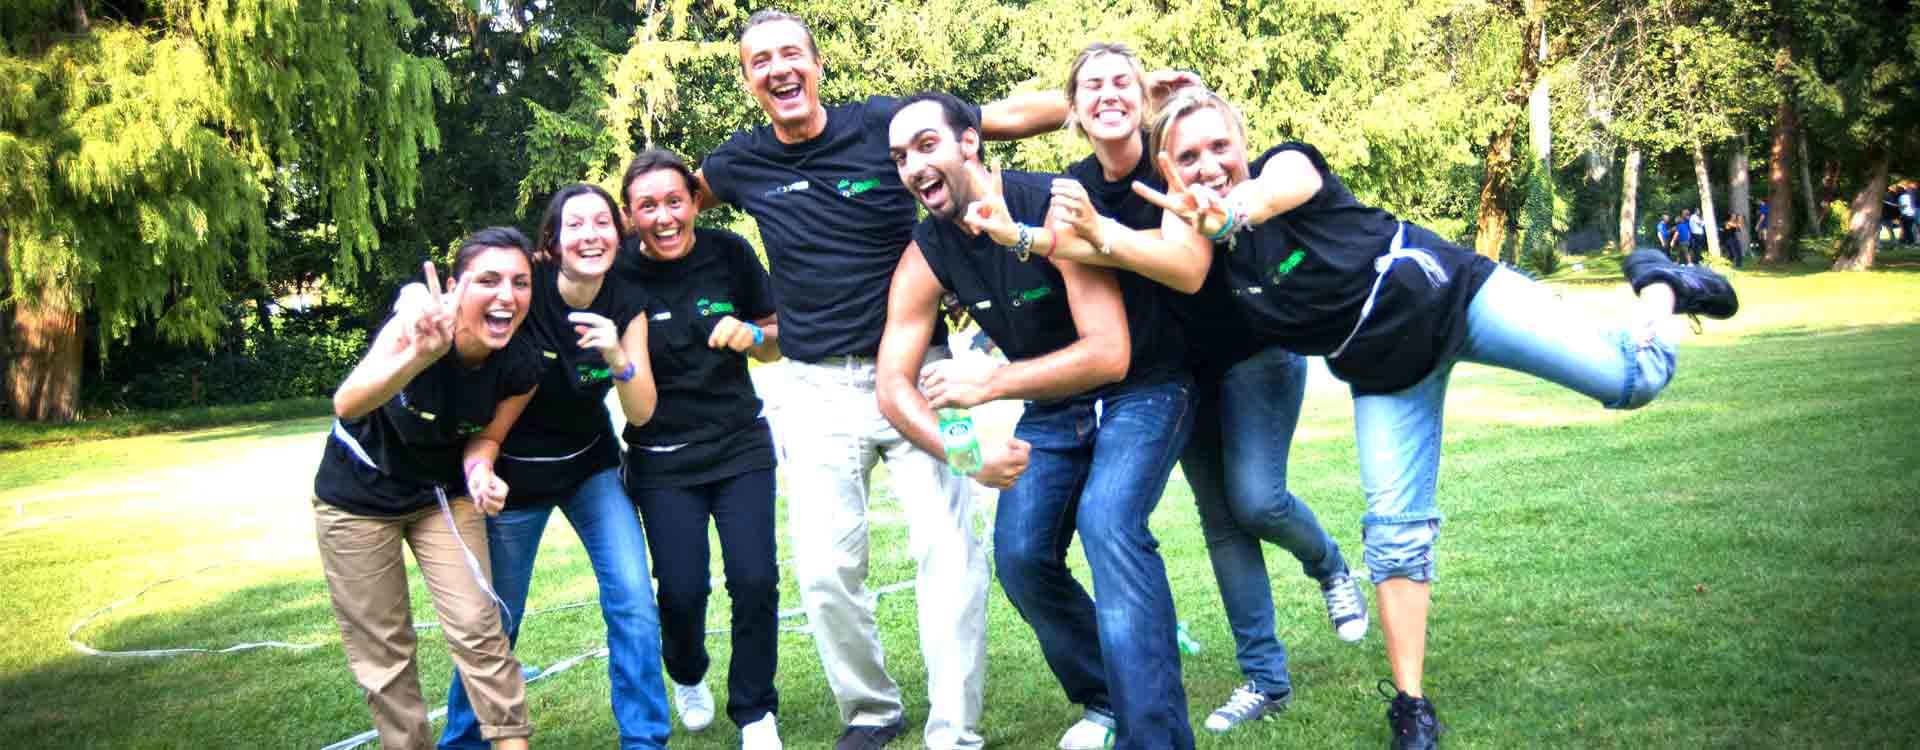 eventi aziendali milano offre servizi di team building